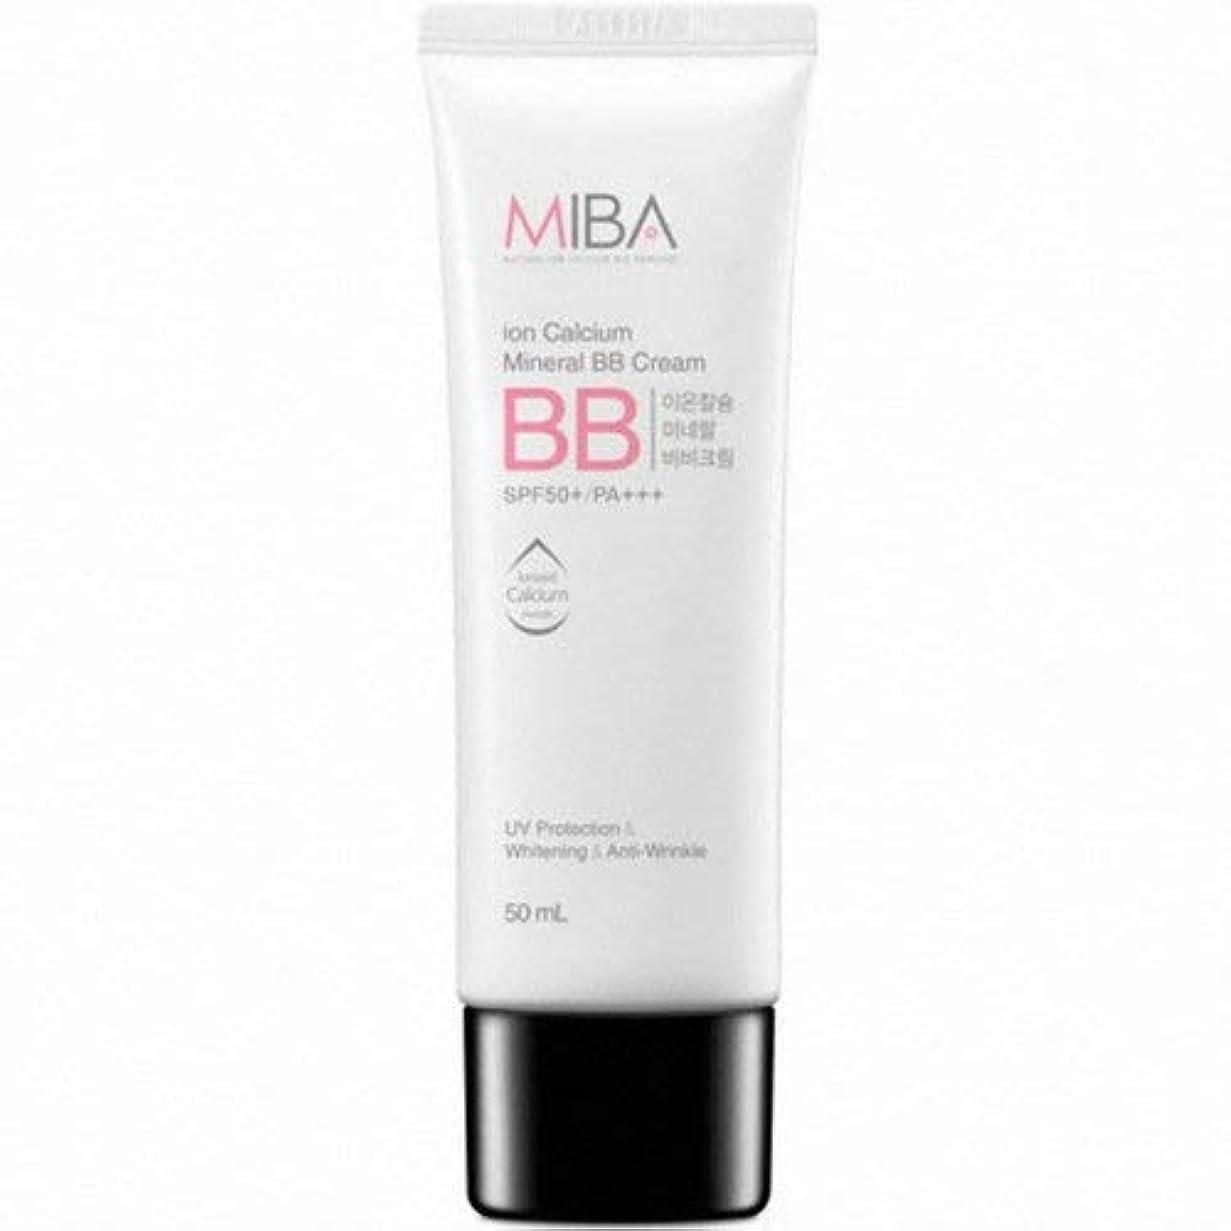 俳句解決する氏MINERALBIO ミバ イオン カルシウム ミネラル ビビクリーム/MIBA Ion Calcium Mineral BB Cream (50ml) [並行輸入品]